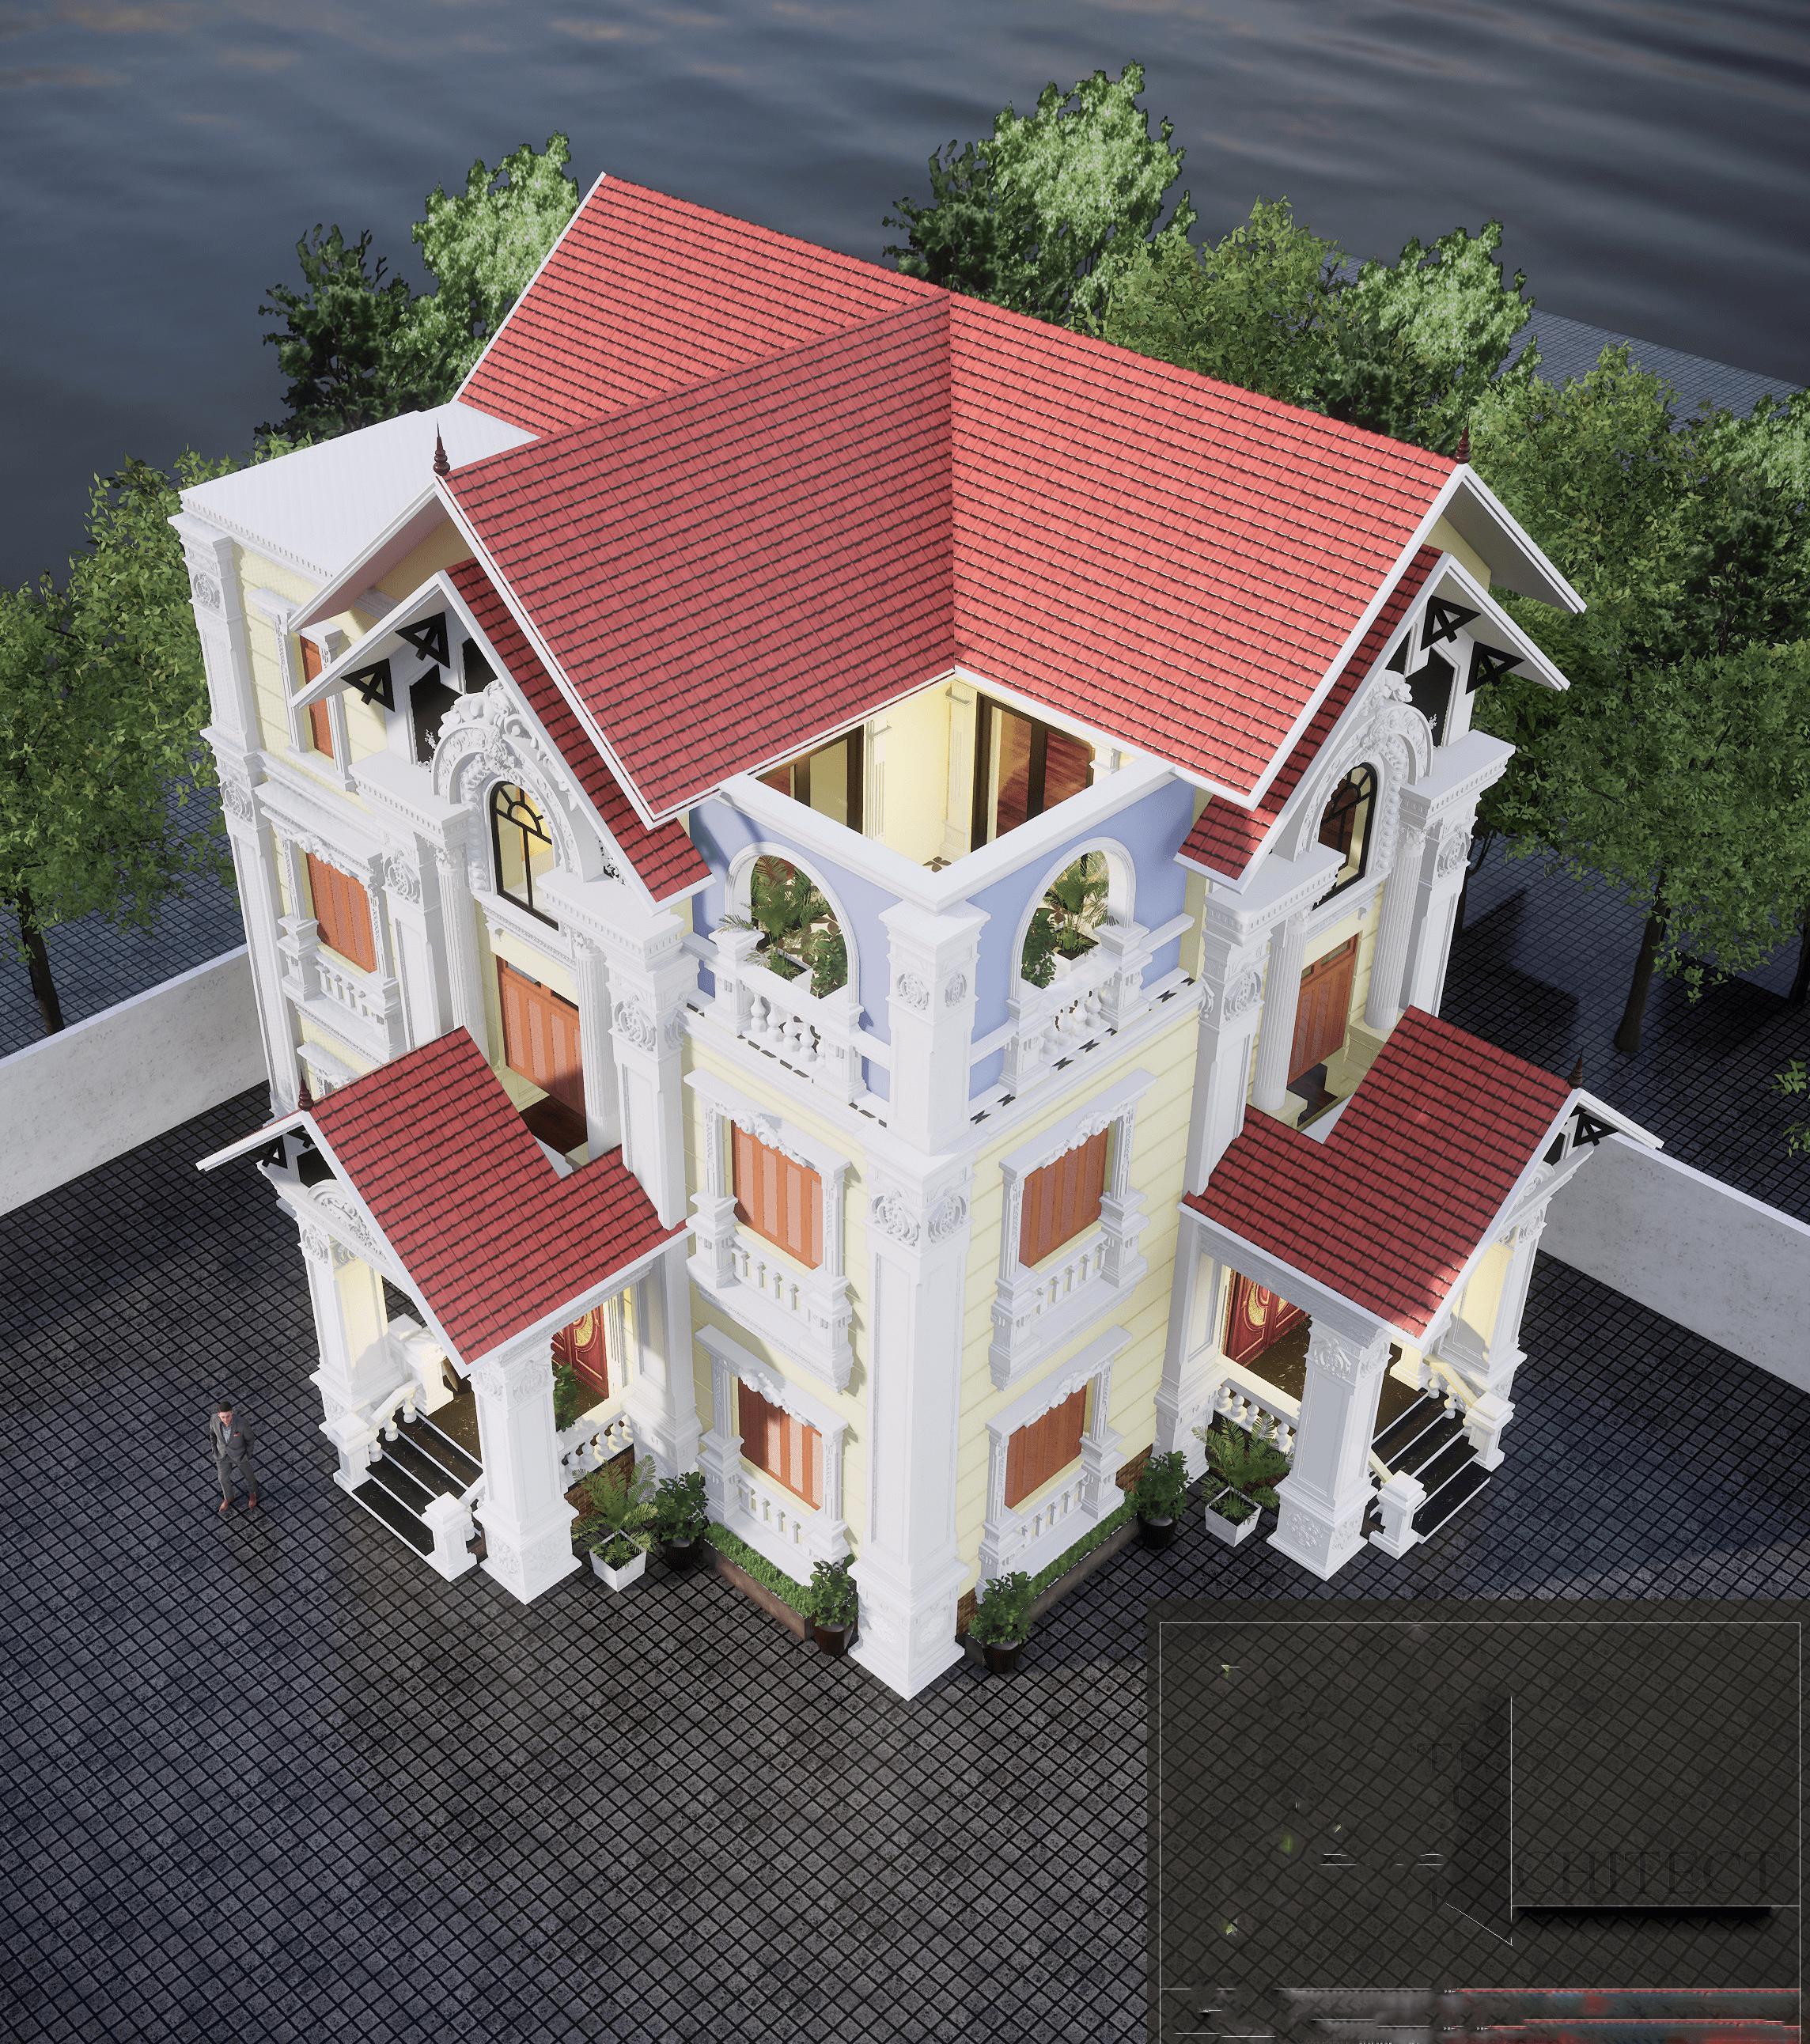 biệt thự 3 tầng 11x14m phong cách cổ điển 3